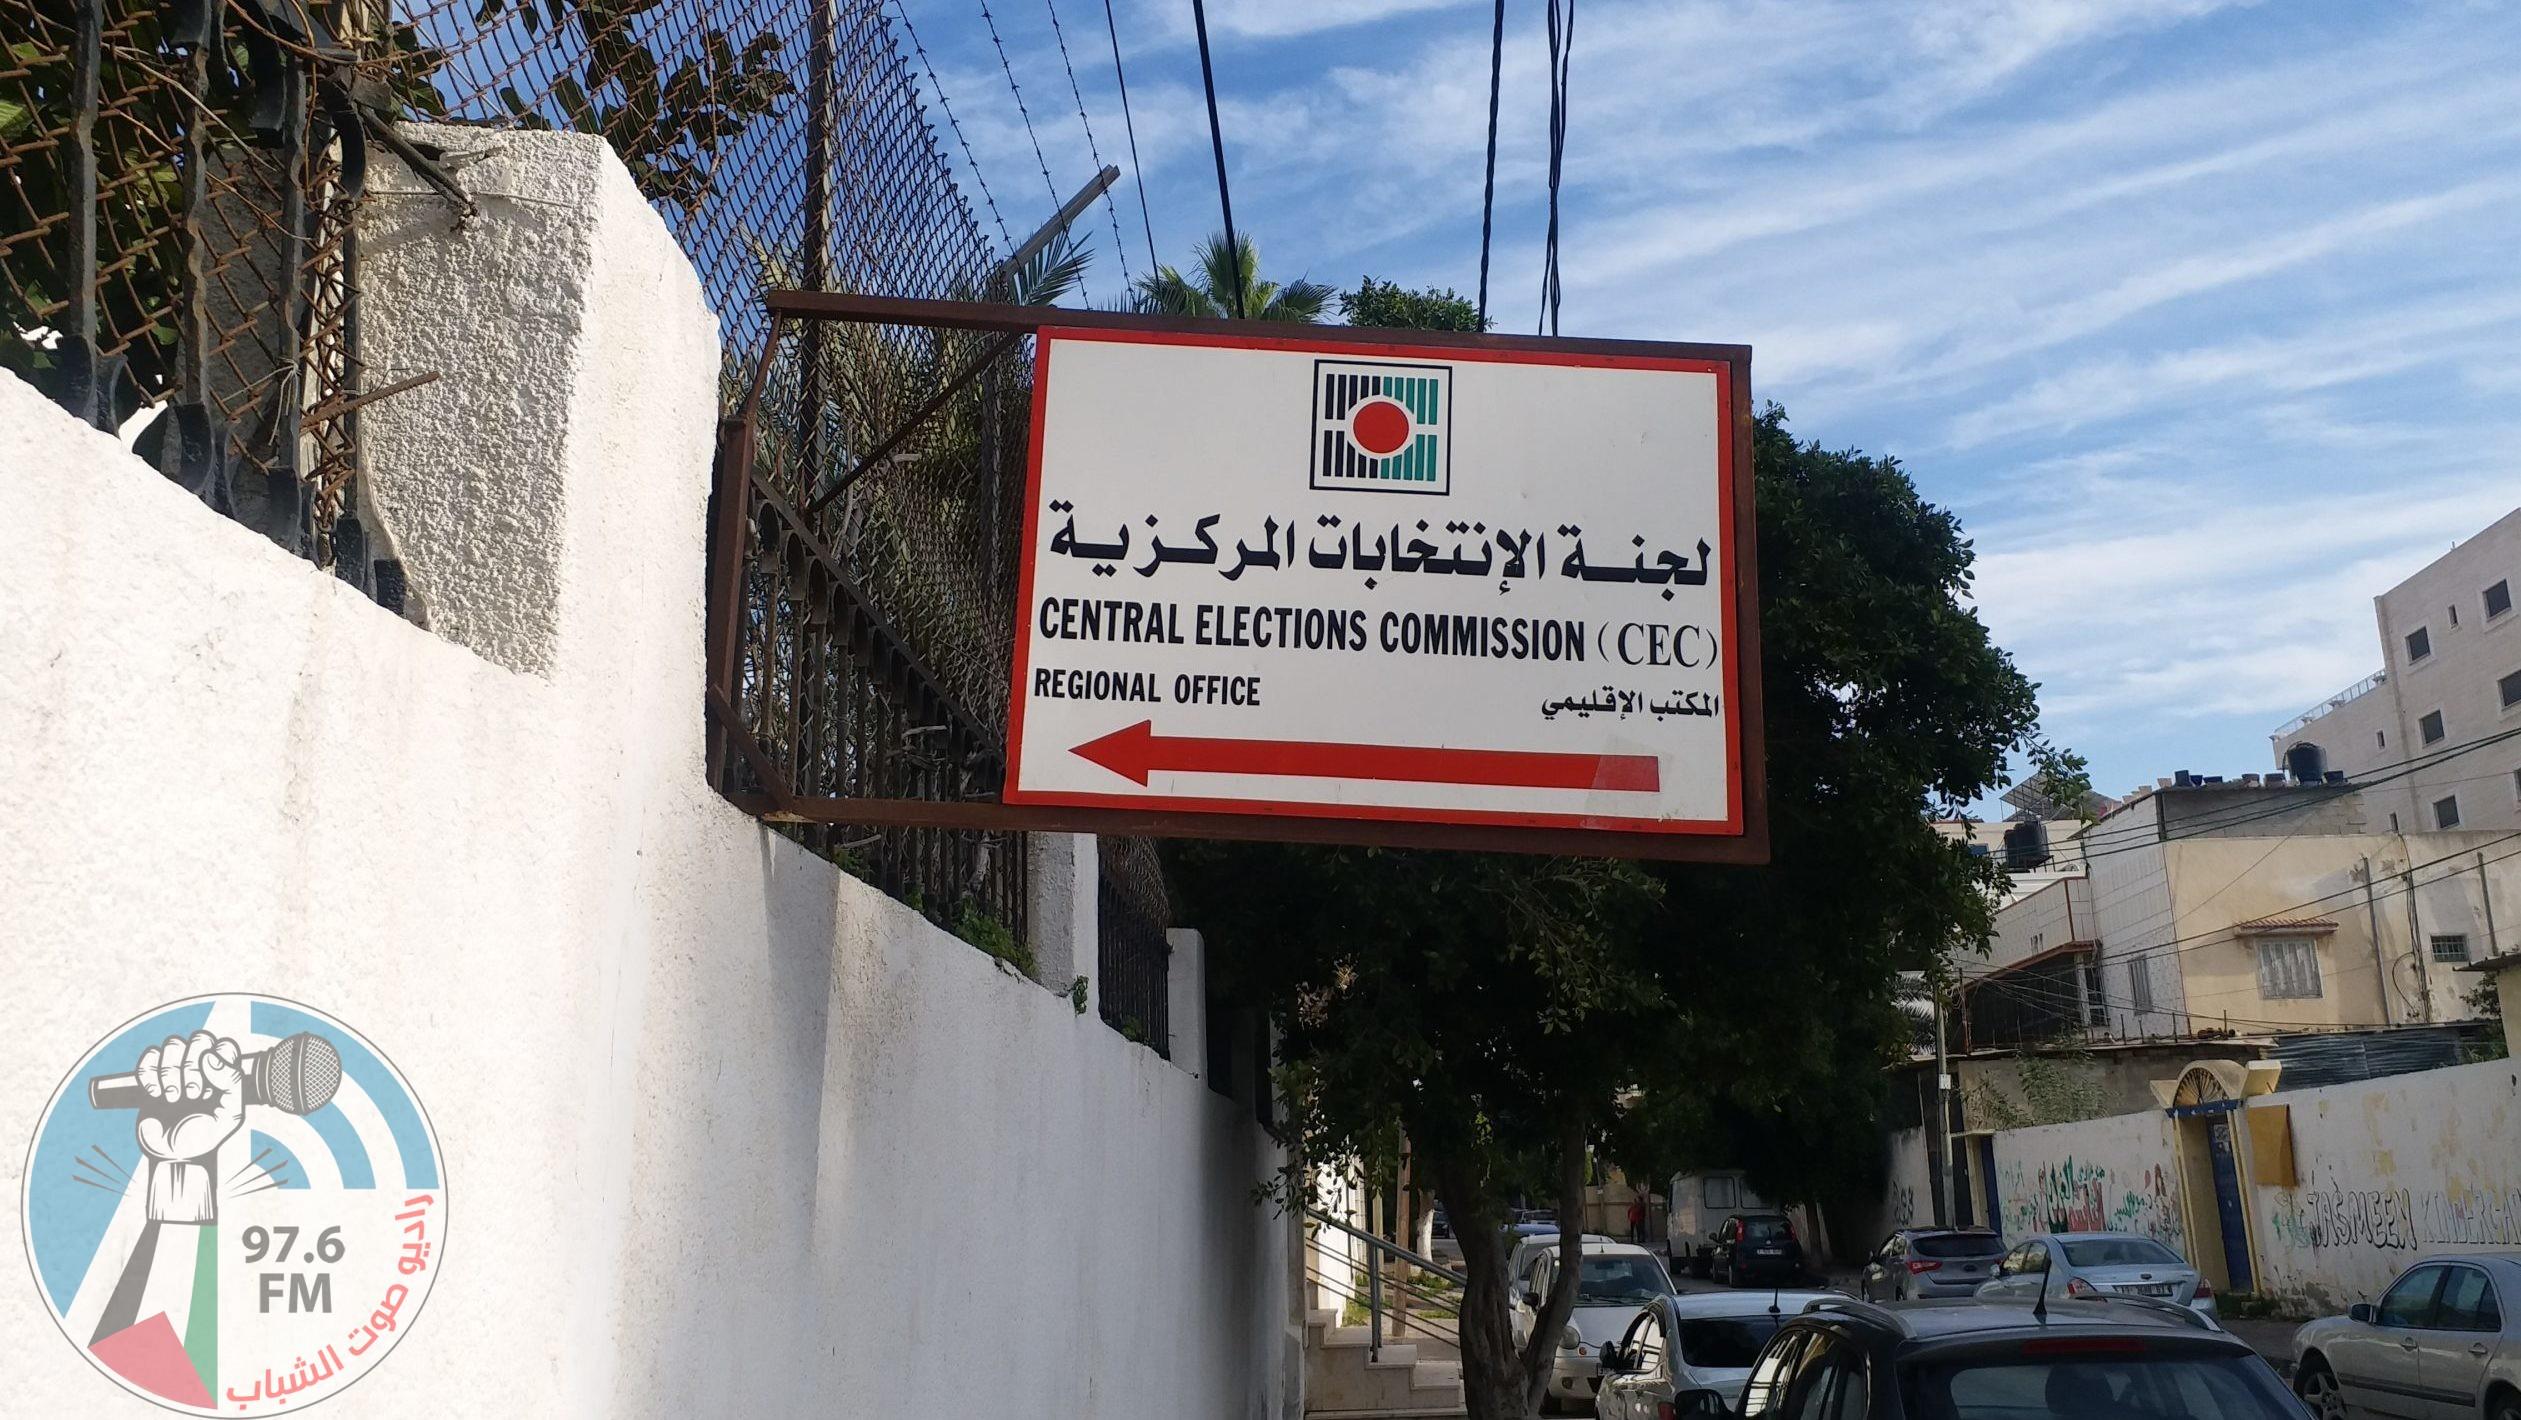 لجنة الانتخابات تتسلم رسمياً قرار مجلس الوزراء بعقد الانتخابات المحلية